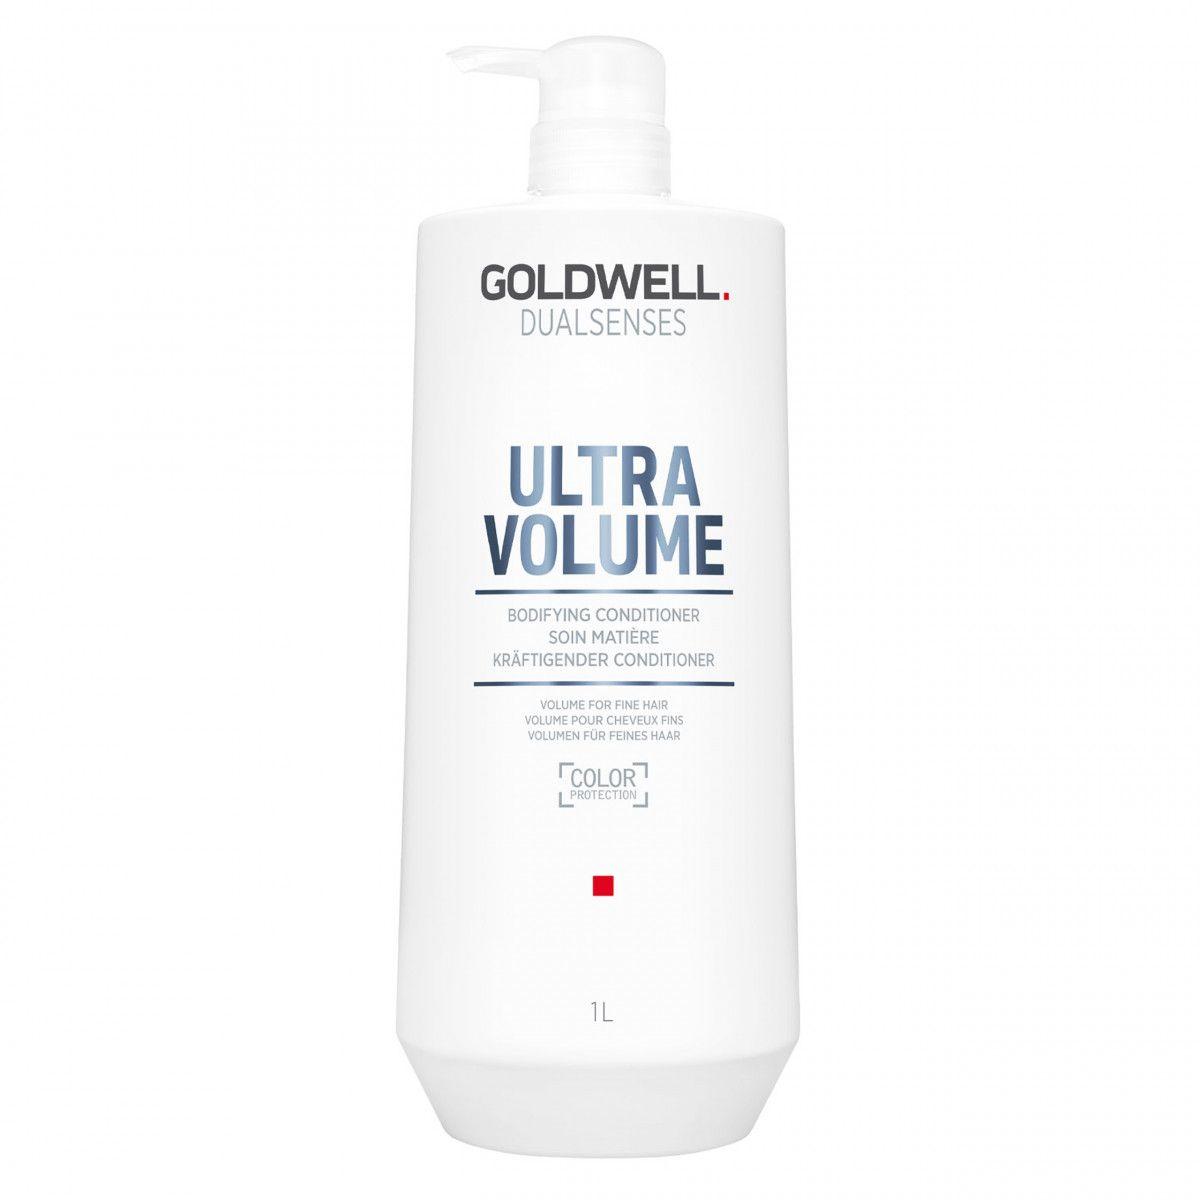 Goldwell Ultra Volume odżywka wzmacniająca włosy normalne cienkie i delikatne 1000 ml